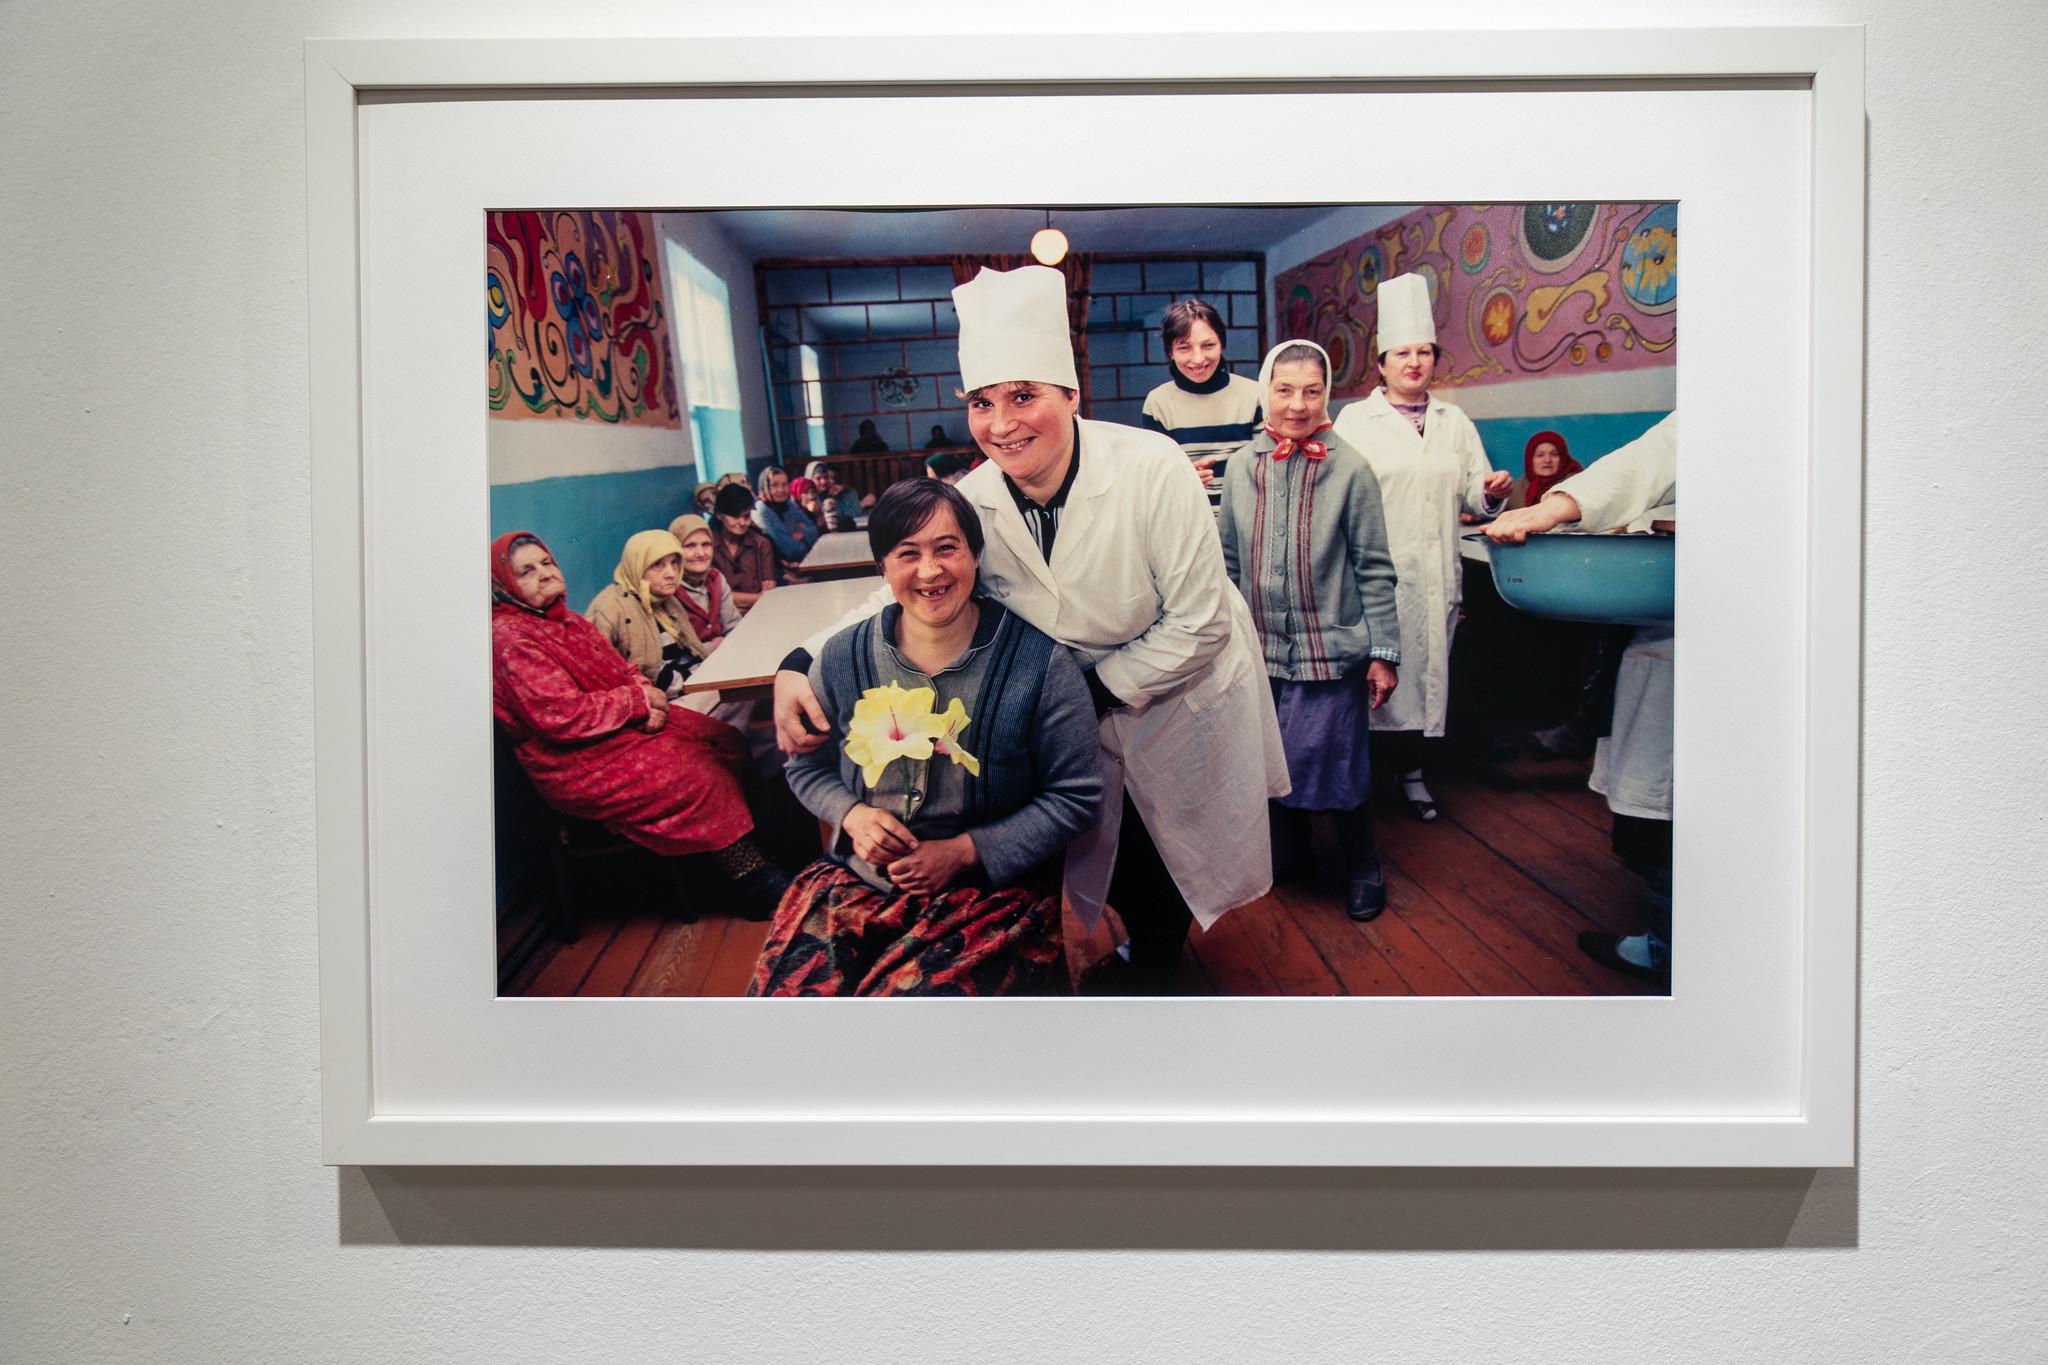 фото із документального репортажу «Психіатрична лікарня»